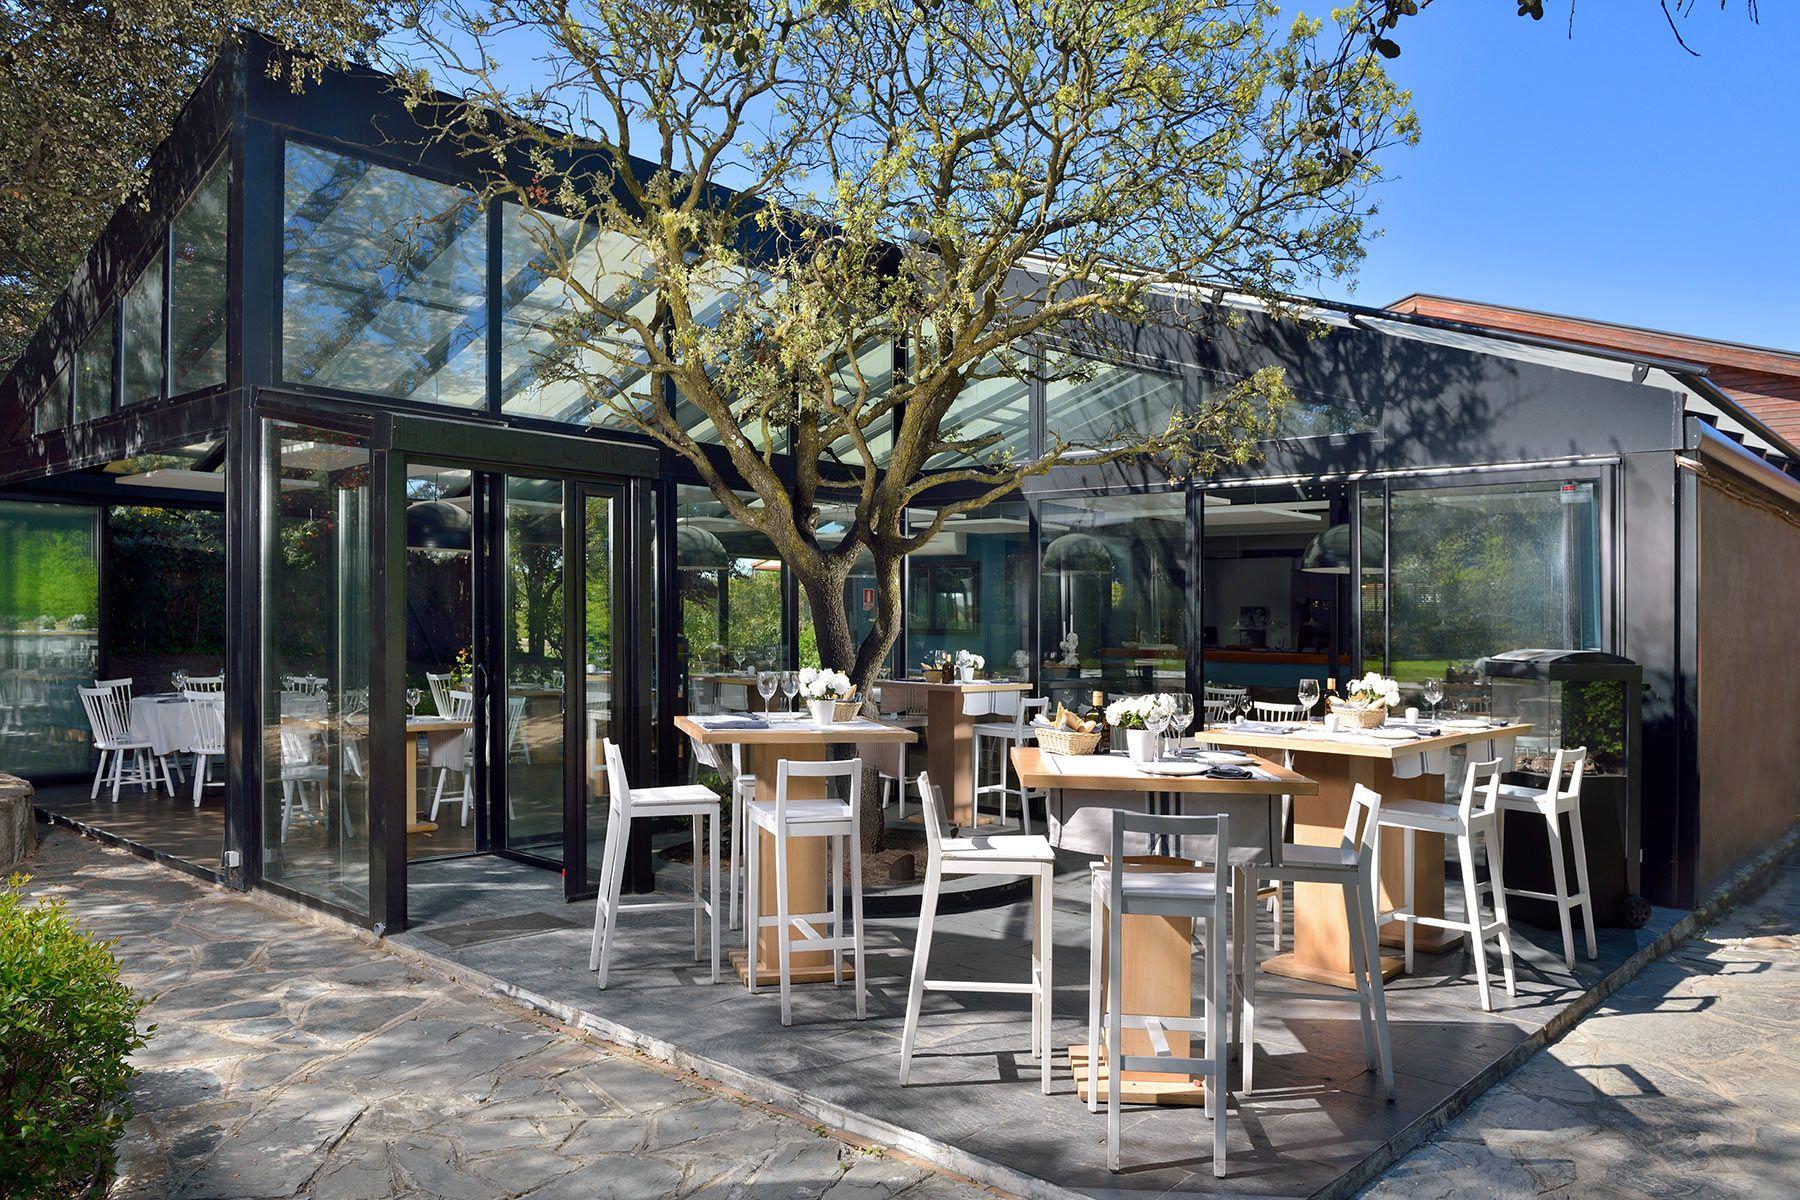 Caba A Marconi Habitacion Hotel En El Bosque Y Bosques # Muebles Astorga Vejer